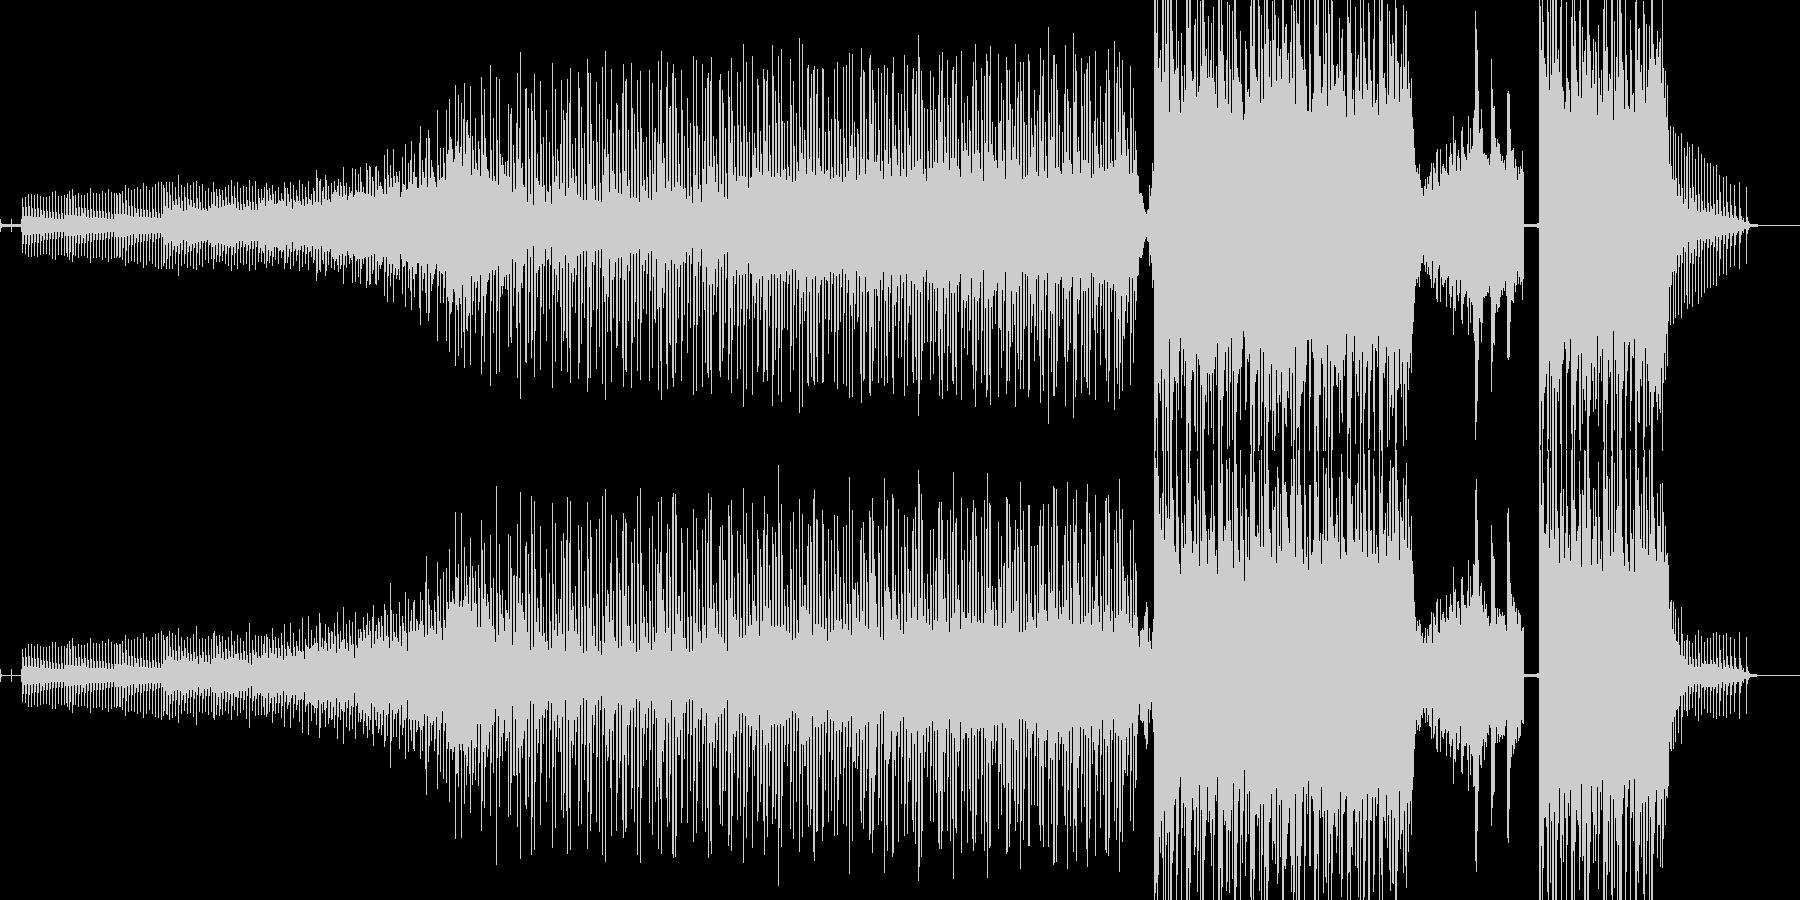 暗闇の恐怖を表現したサウンドの未再生の波形